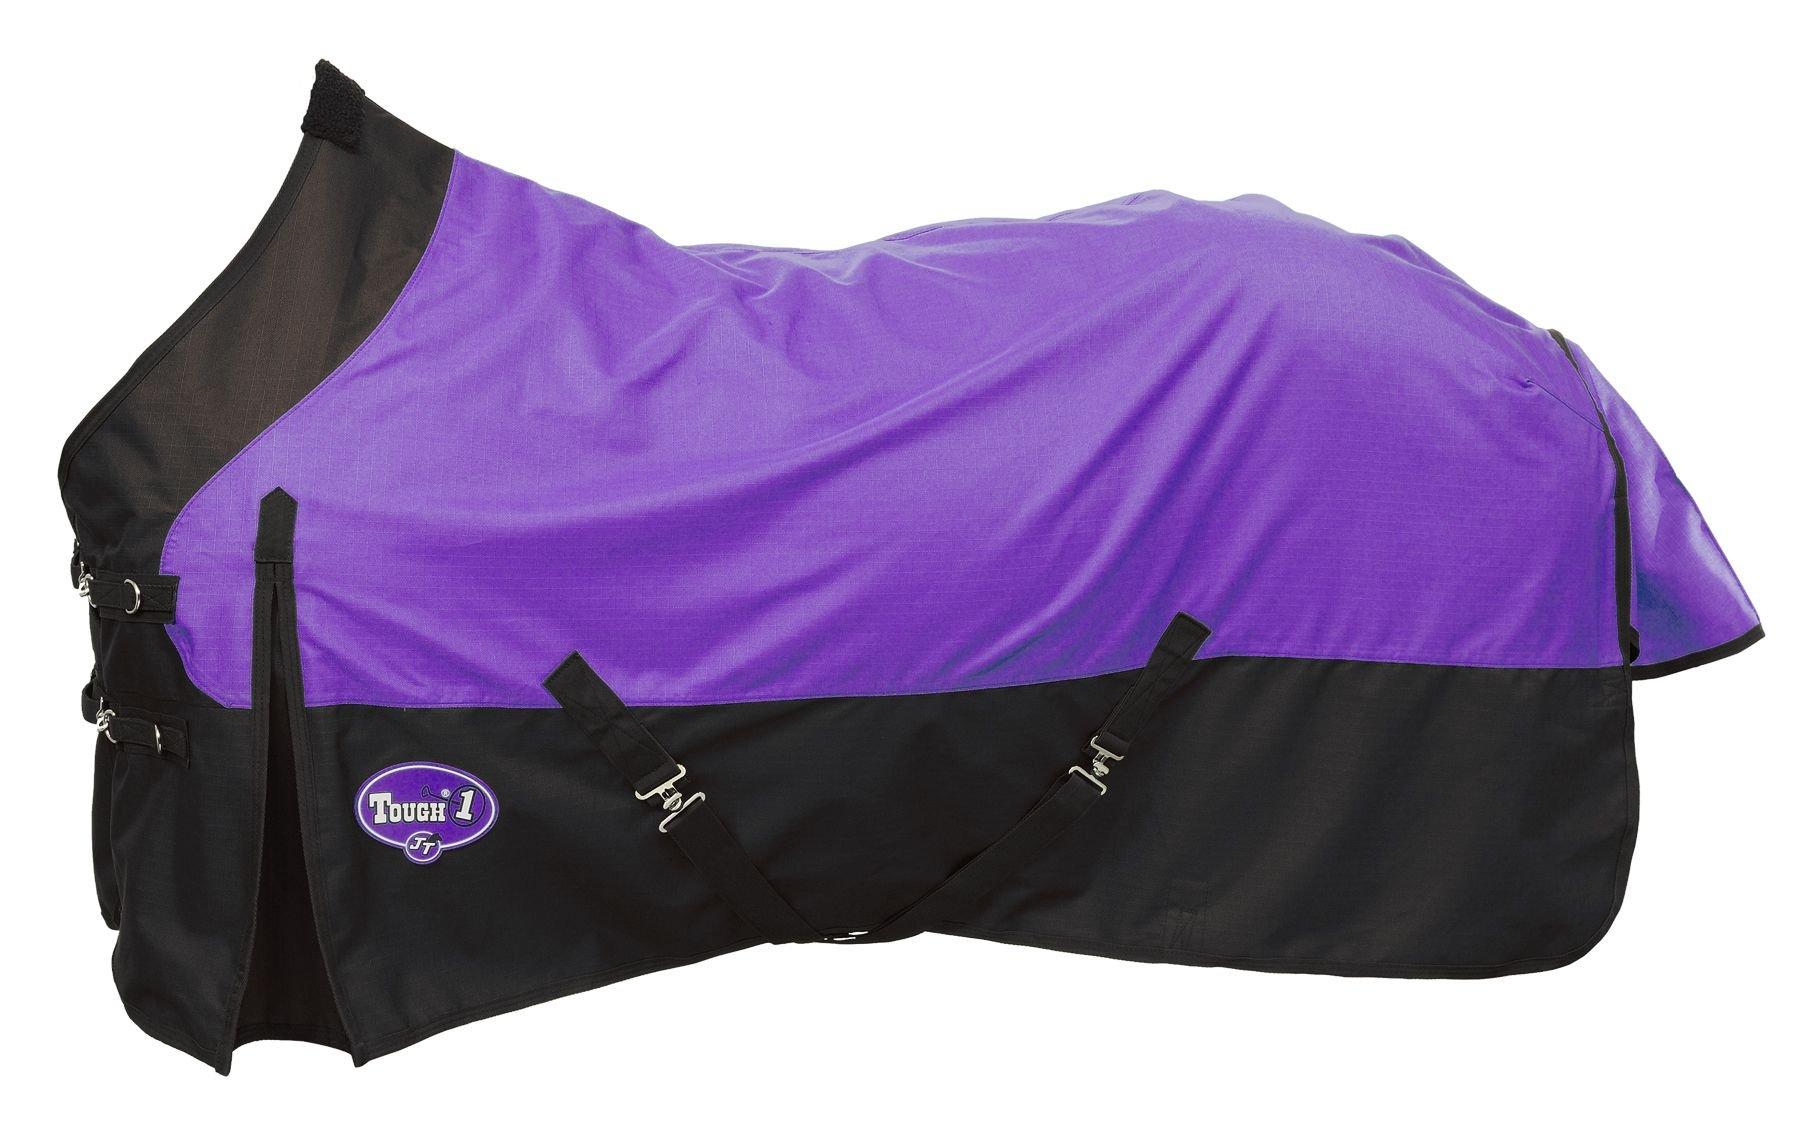 Tough 1 1200 Denier Water Repellent Horse Sheet, Purple, 78-Inch by Tough 1 (Image #1)